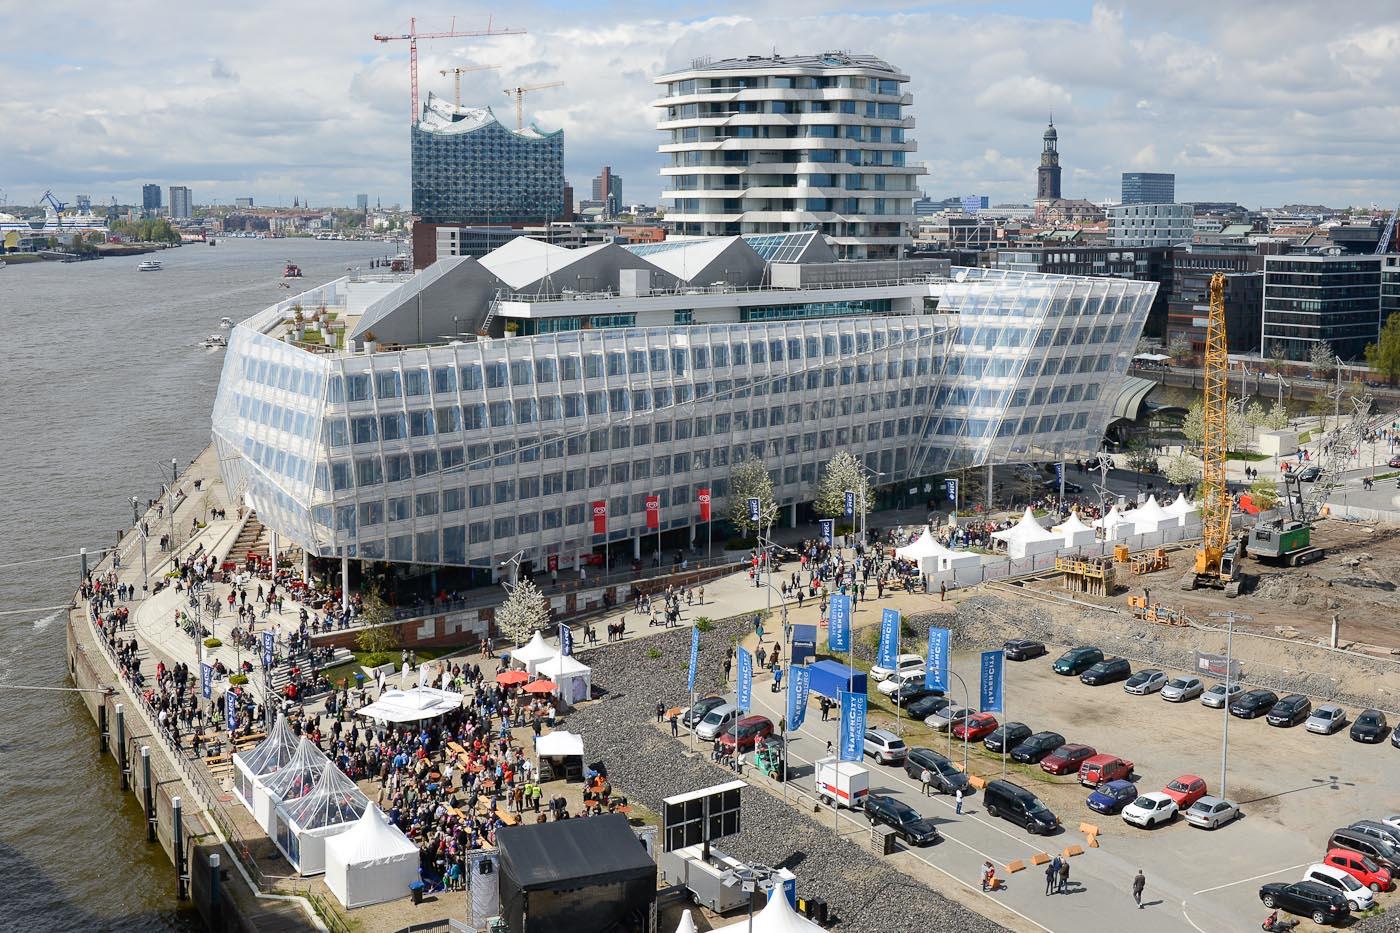 Kreuzfahrtschiff MSC Splendida Veranstaltungsfläche, Unilever-Haus